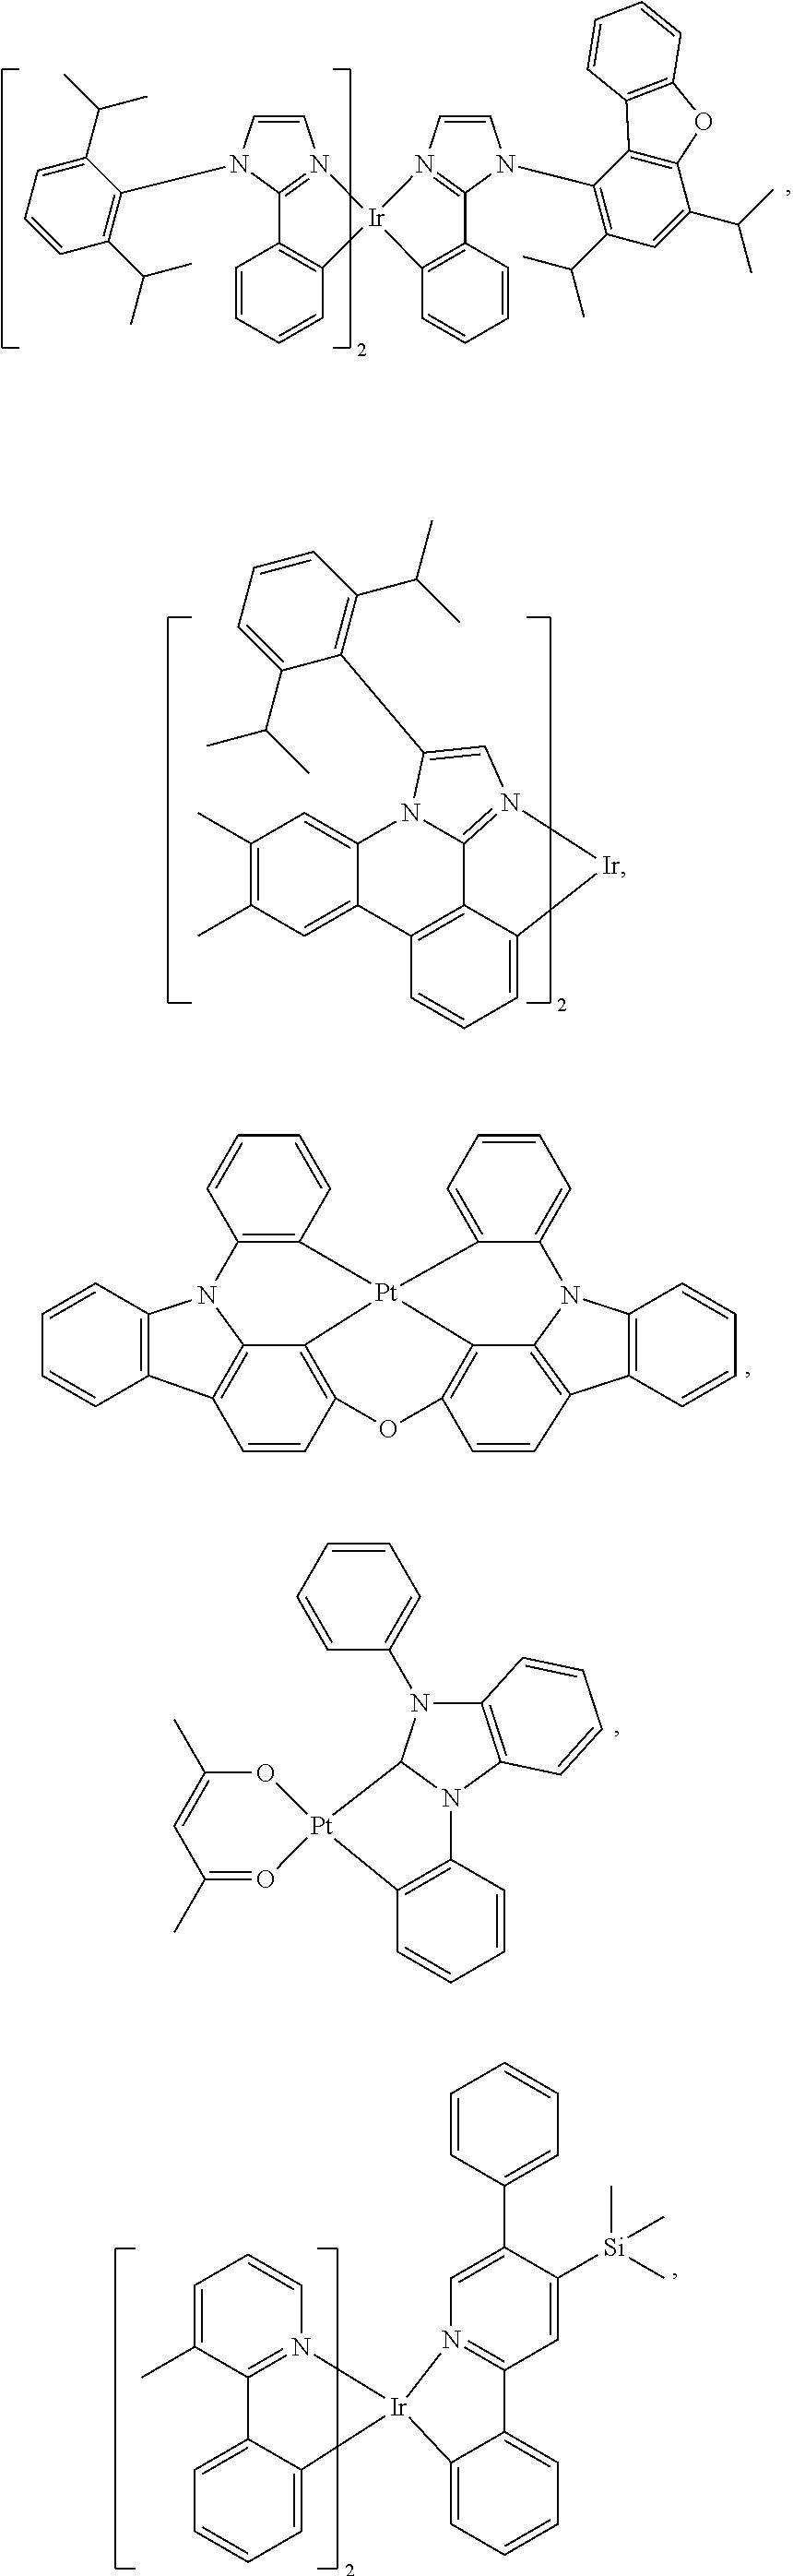 Figure US20190161504A1-20190530-C00071